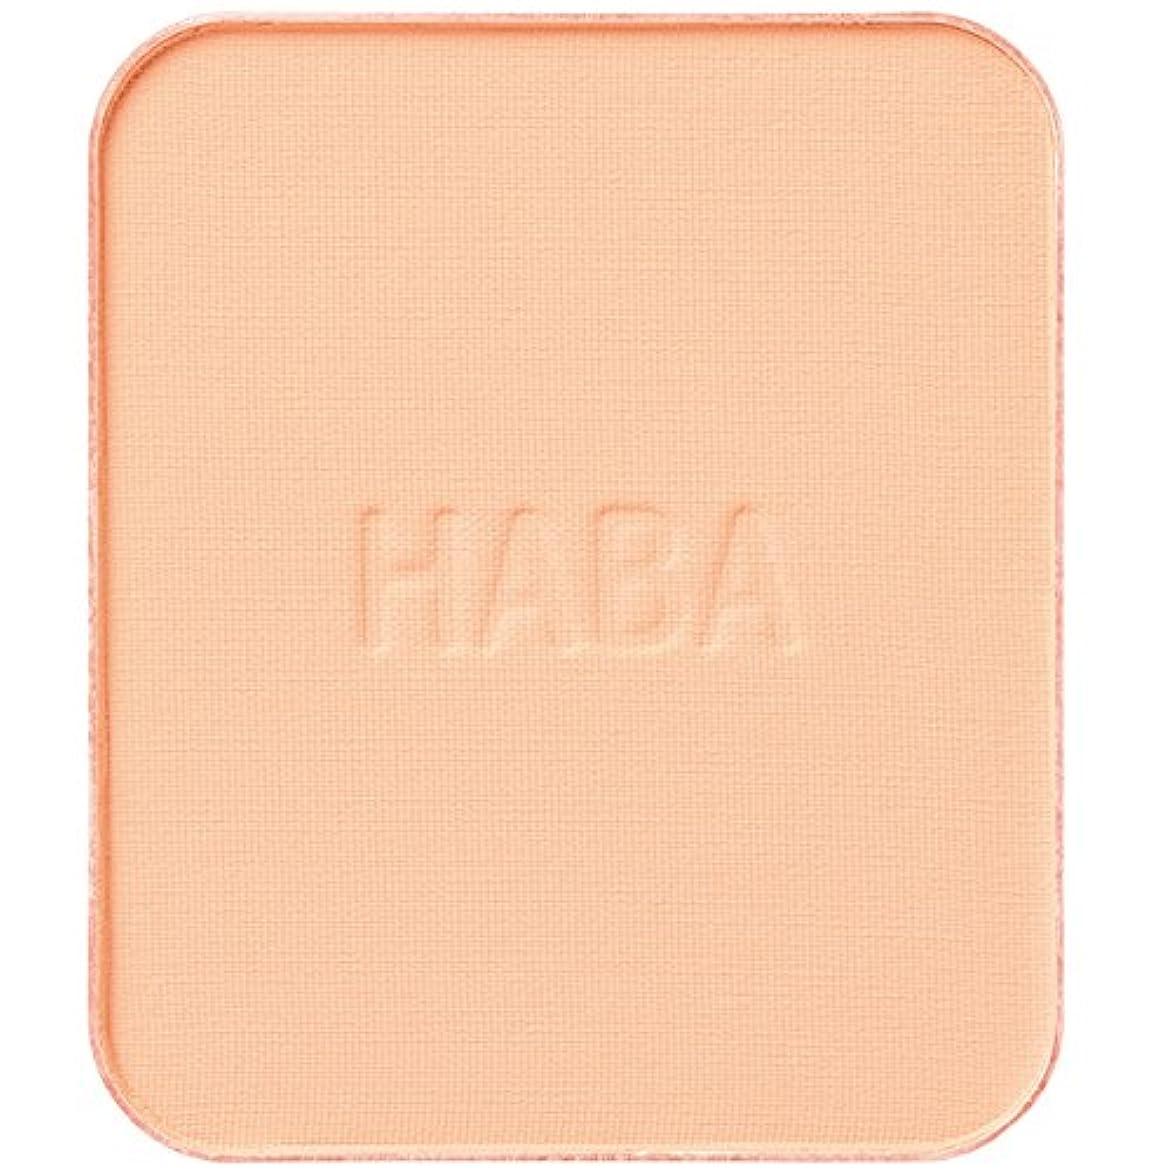 注文消費する聖書ハーバー ミネラルパウダリーファンデーション/詰替用 ピンクオークル 9g